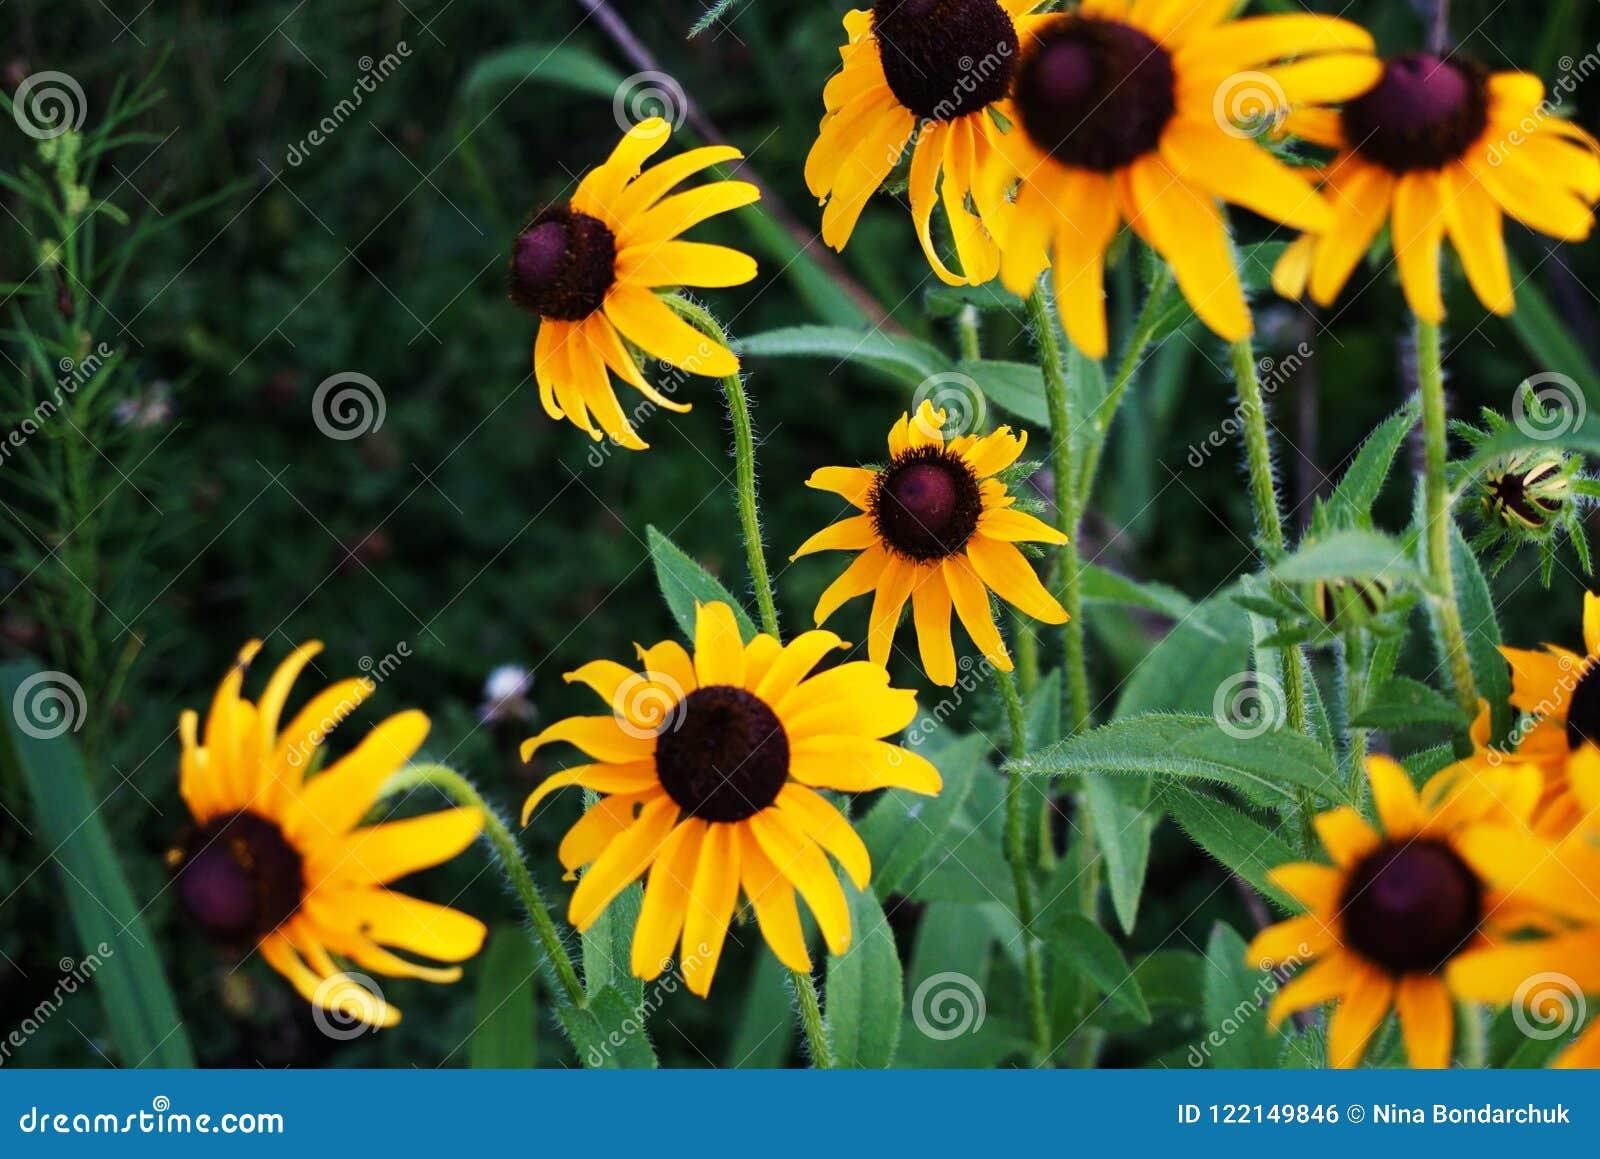 黄色雏菊,向日葵